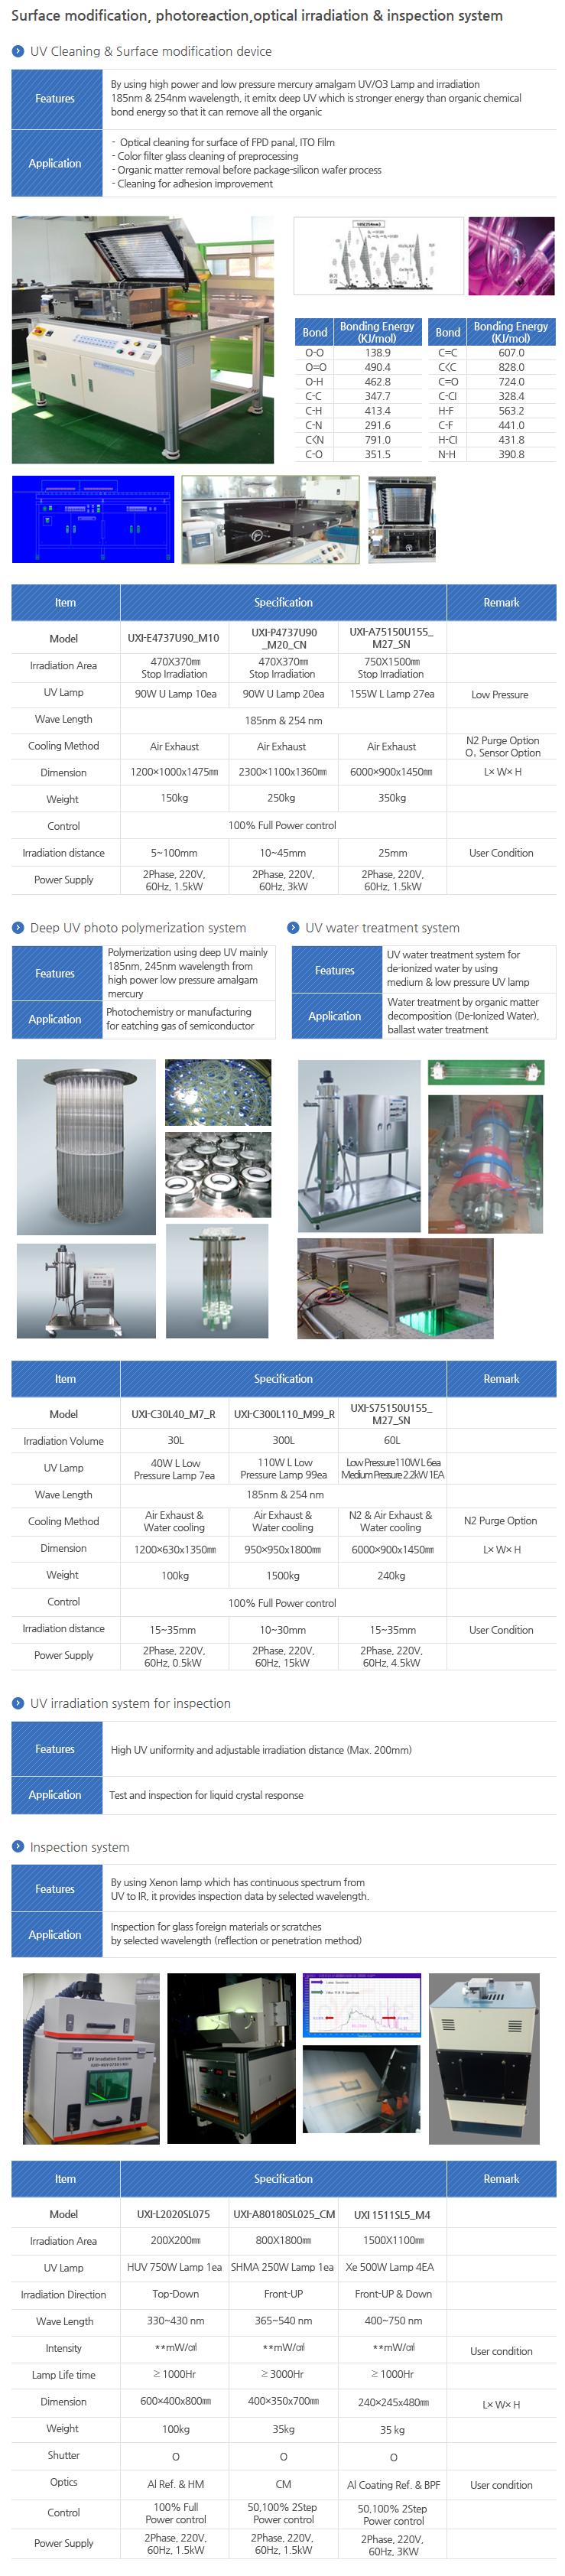 Unilam Modification & Inspection UXI